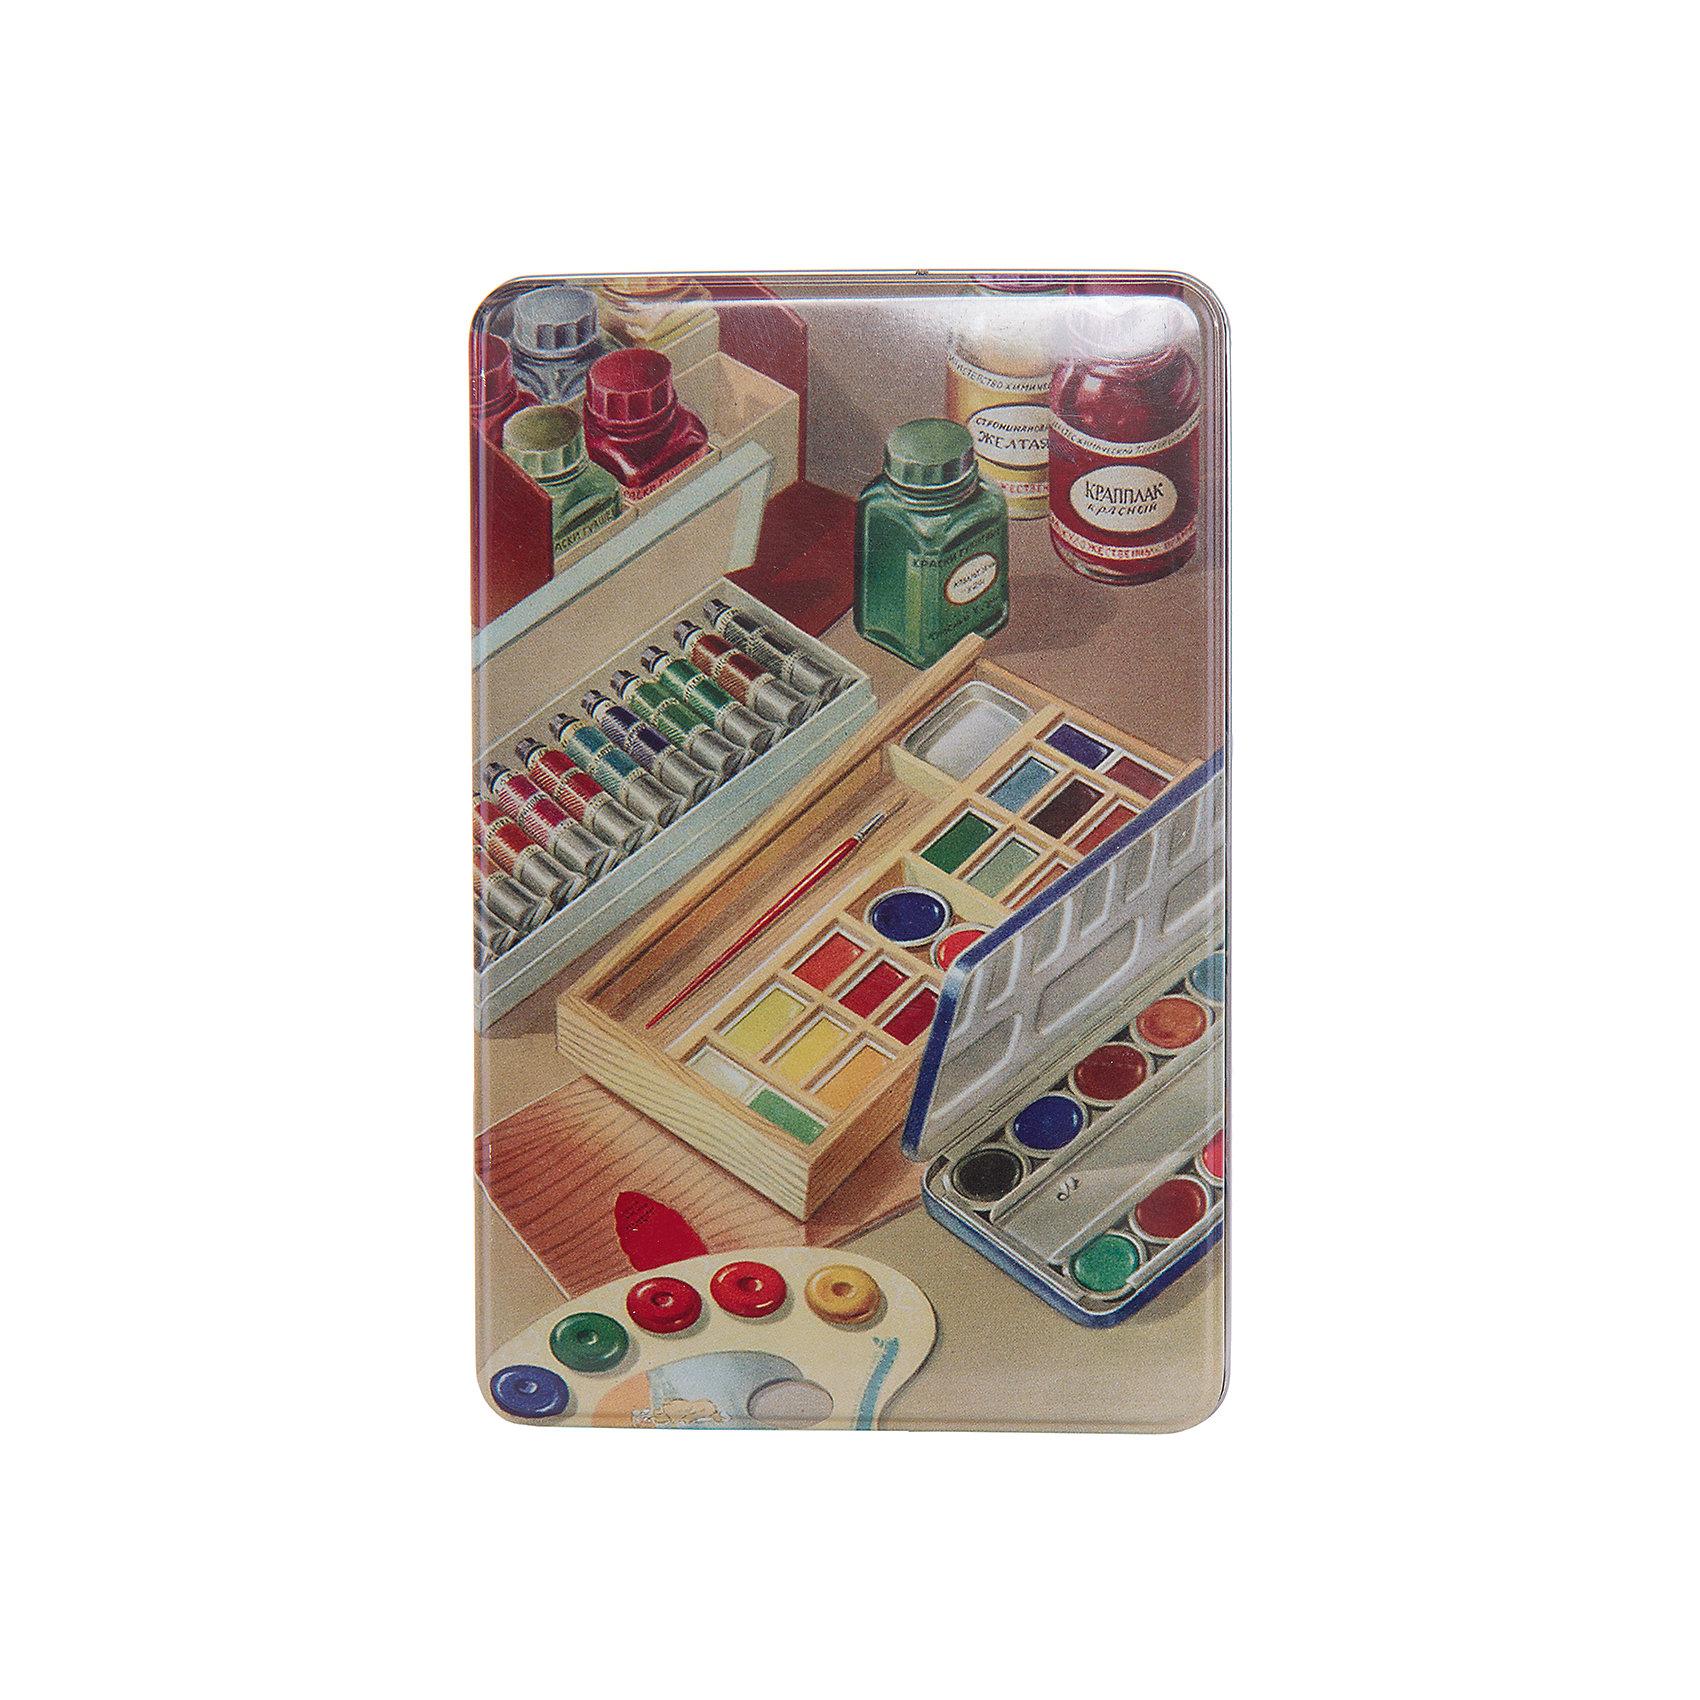 Коробка для бытовых нужд Краски 1700млПредметы интерьера<br>Краски - металлическая коробка для бытовых нужд, в которую прекрасно поместятся  небольшие предметы для дома. Коробка закрывается крышкой и декорирована  рисунком с изображением различных красок. С такой коробкой приятно будет добавить немного ретро в свой дом.<br><br>Дополнительная информация:<br>Материал: металл<br>Размер: 20х7 см<br>Объем: 1700 мл<br>Коробку для бытовых нужд Краски вы можете приобрести в нашем интернет-магазине.<br><br>Ширина мм: 420<br>Глубина мм: 430<br>Высота мм: 550<br>Вес г: 184<br>Возраст от месяцев: 84<br>Возраст до месяцев: 216<br>Пол: Унисекс<br>Возраст: Детский<br>SKU: 4957999